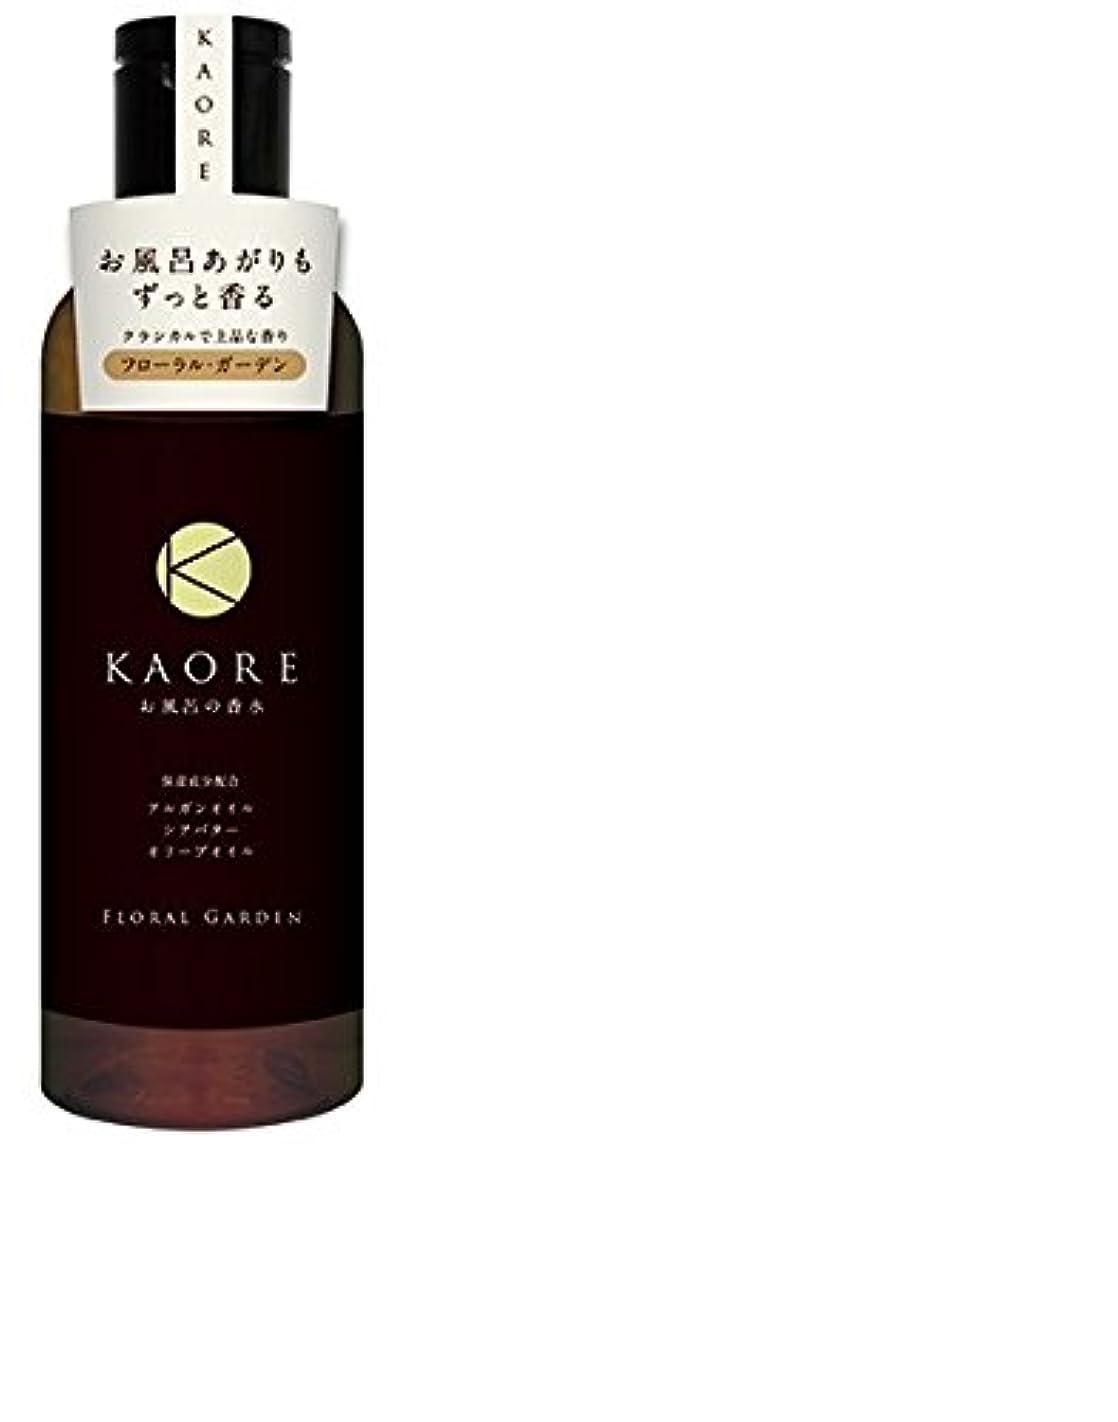 サービス内陸補足KAORE(カオリ) お風呂の香水 フローラルガーデン 200ml